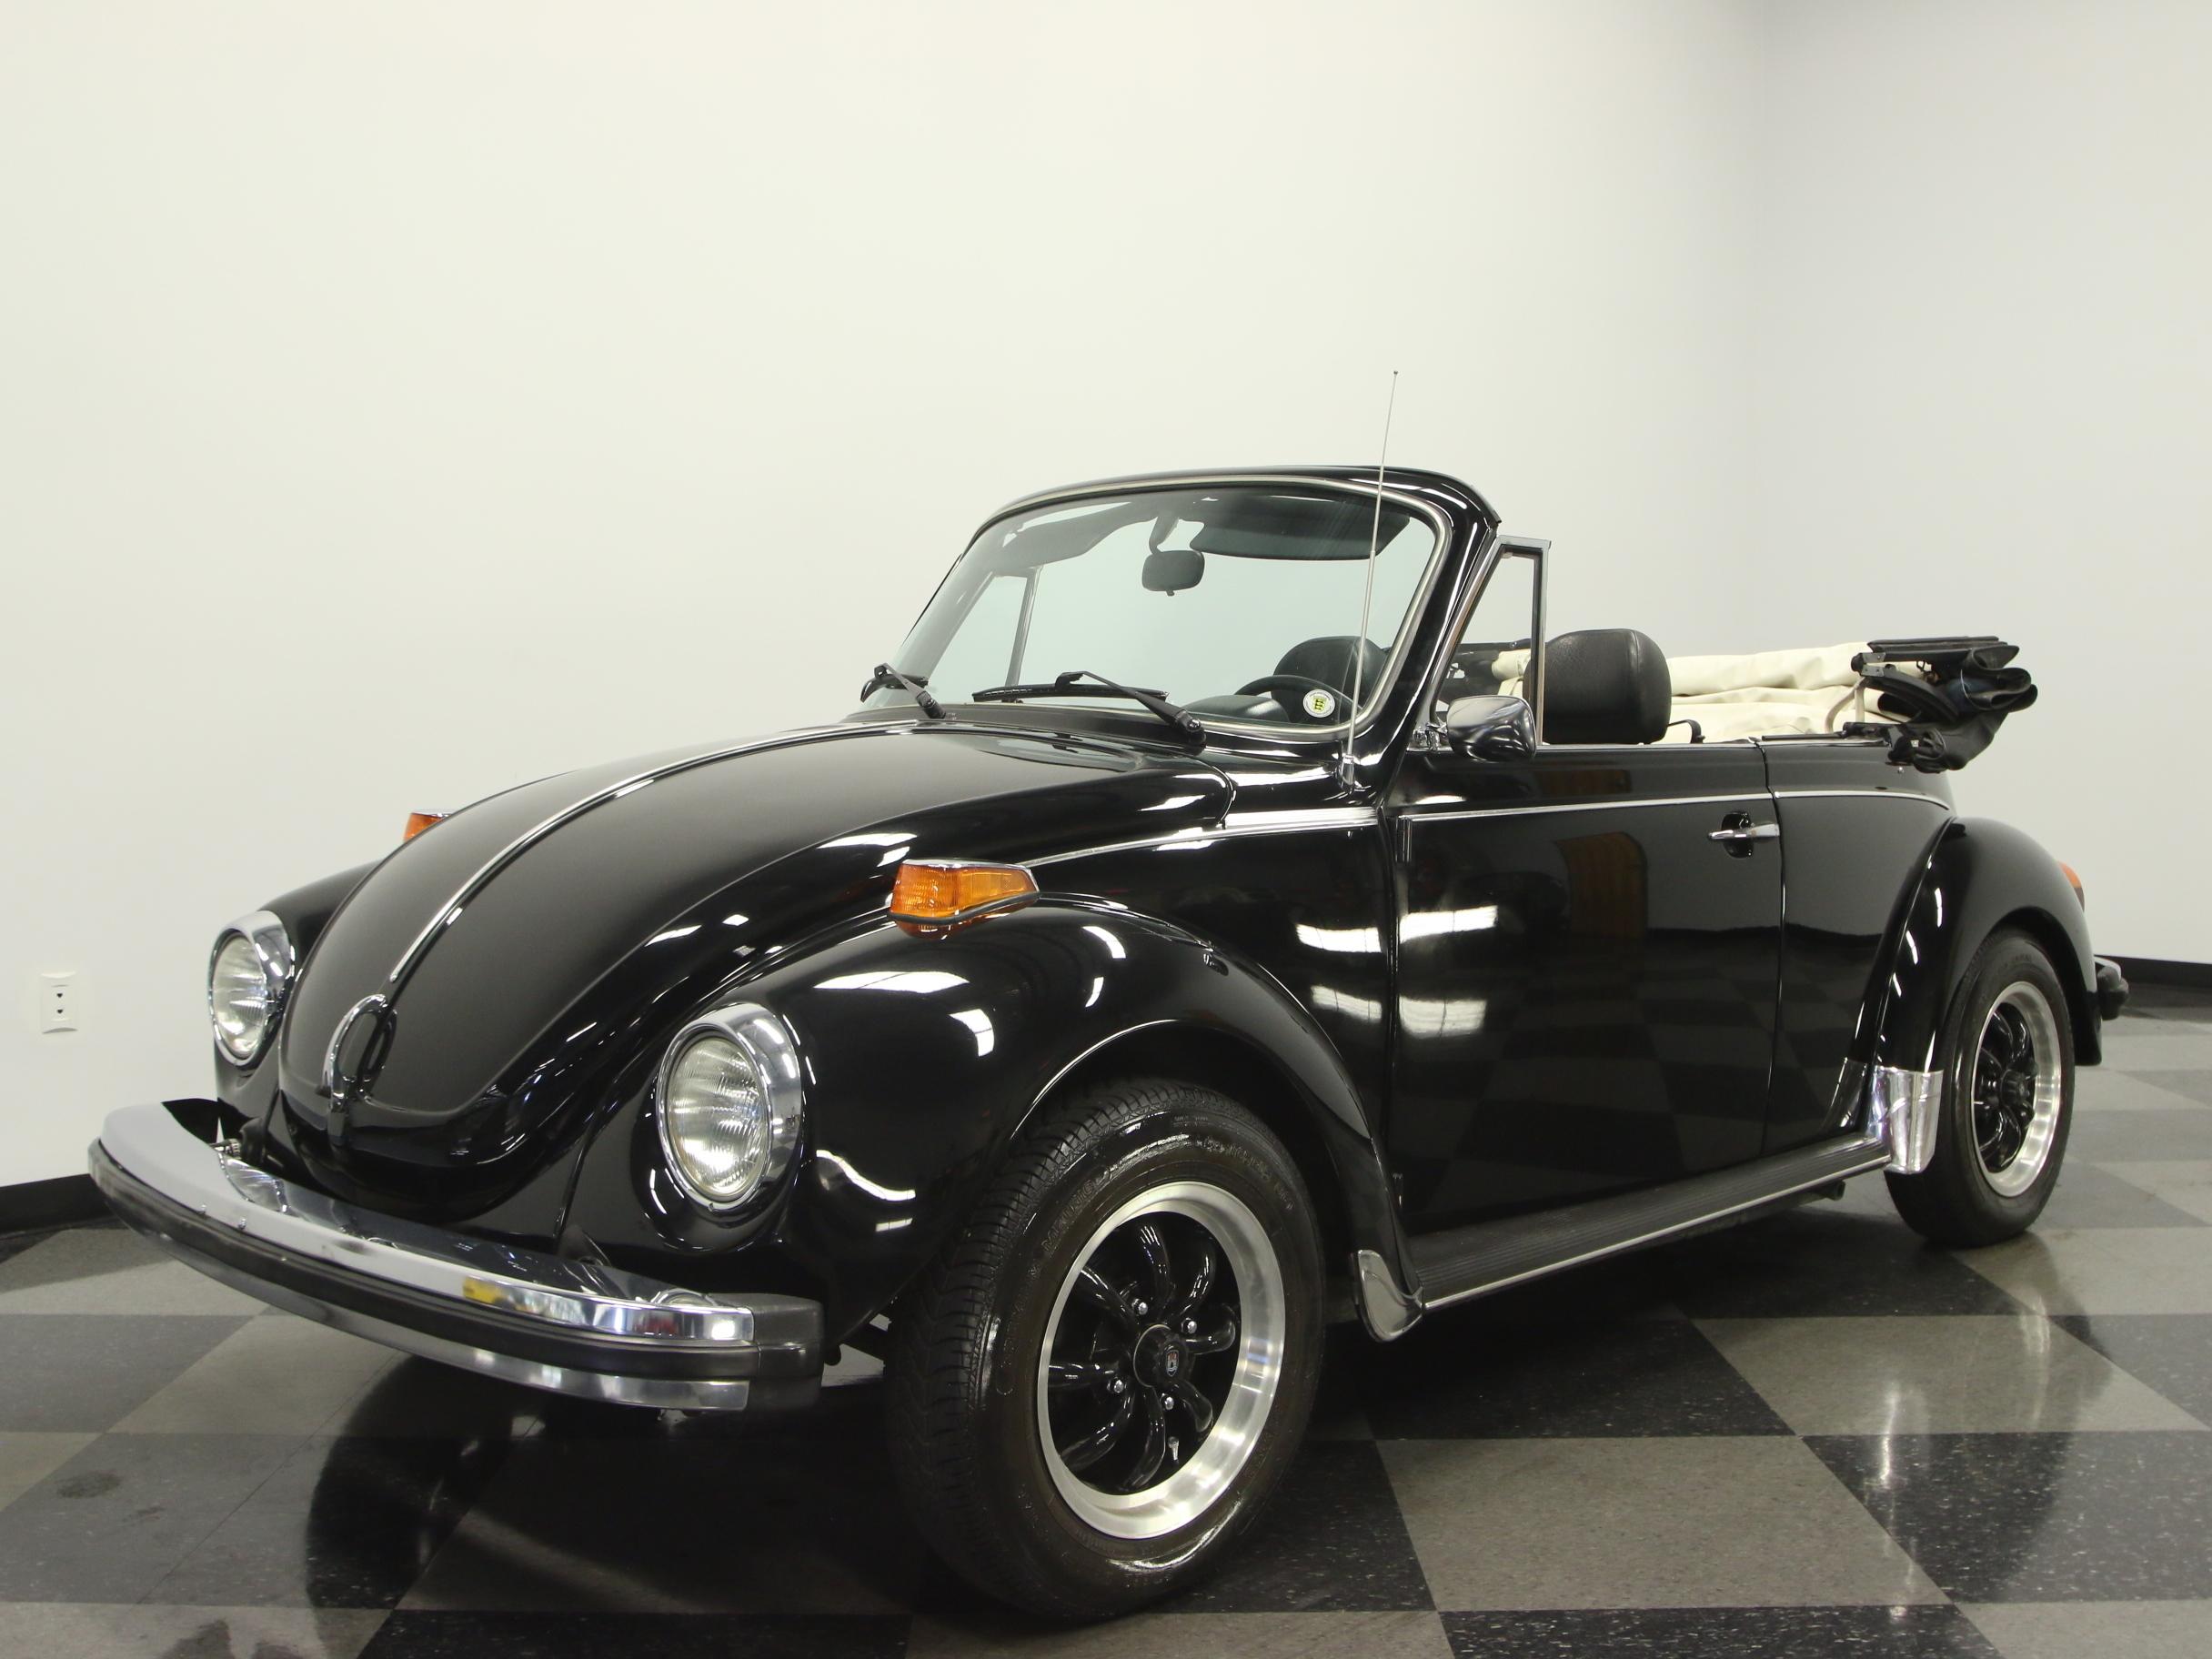 1979 Volkswagen Super Beetle Streetside Classics